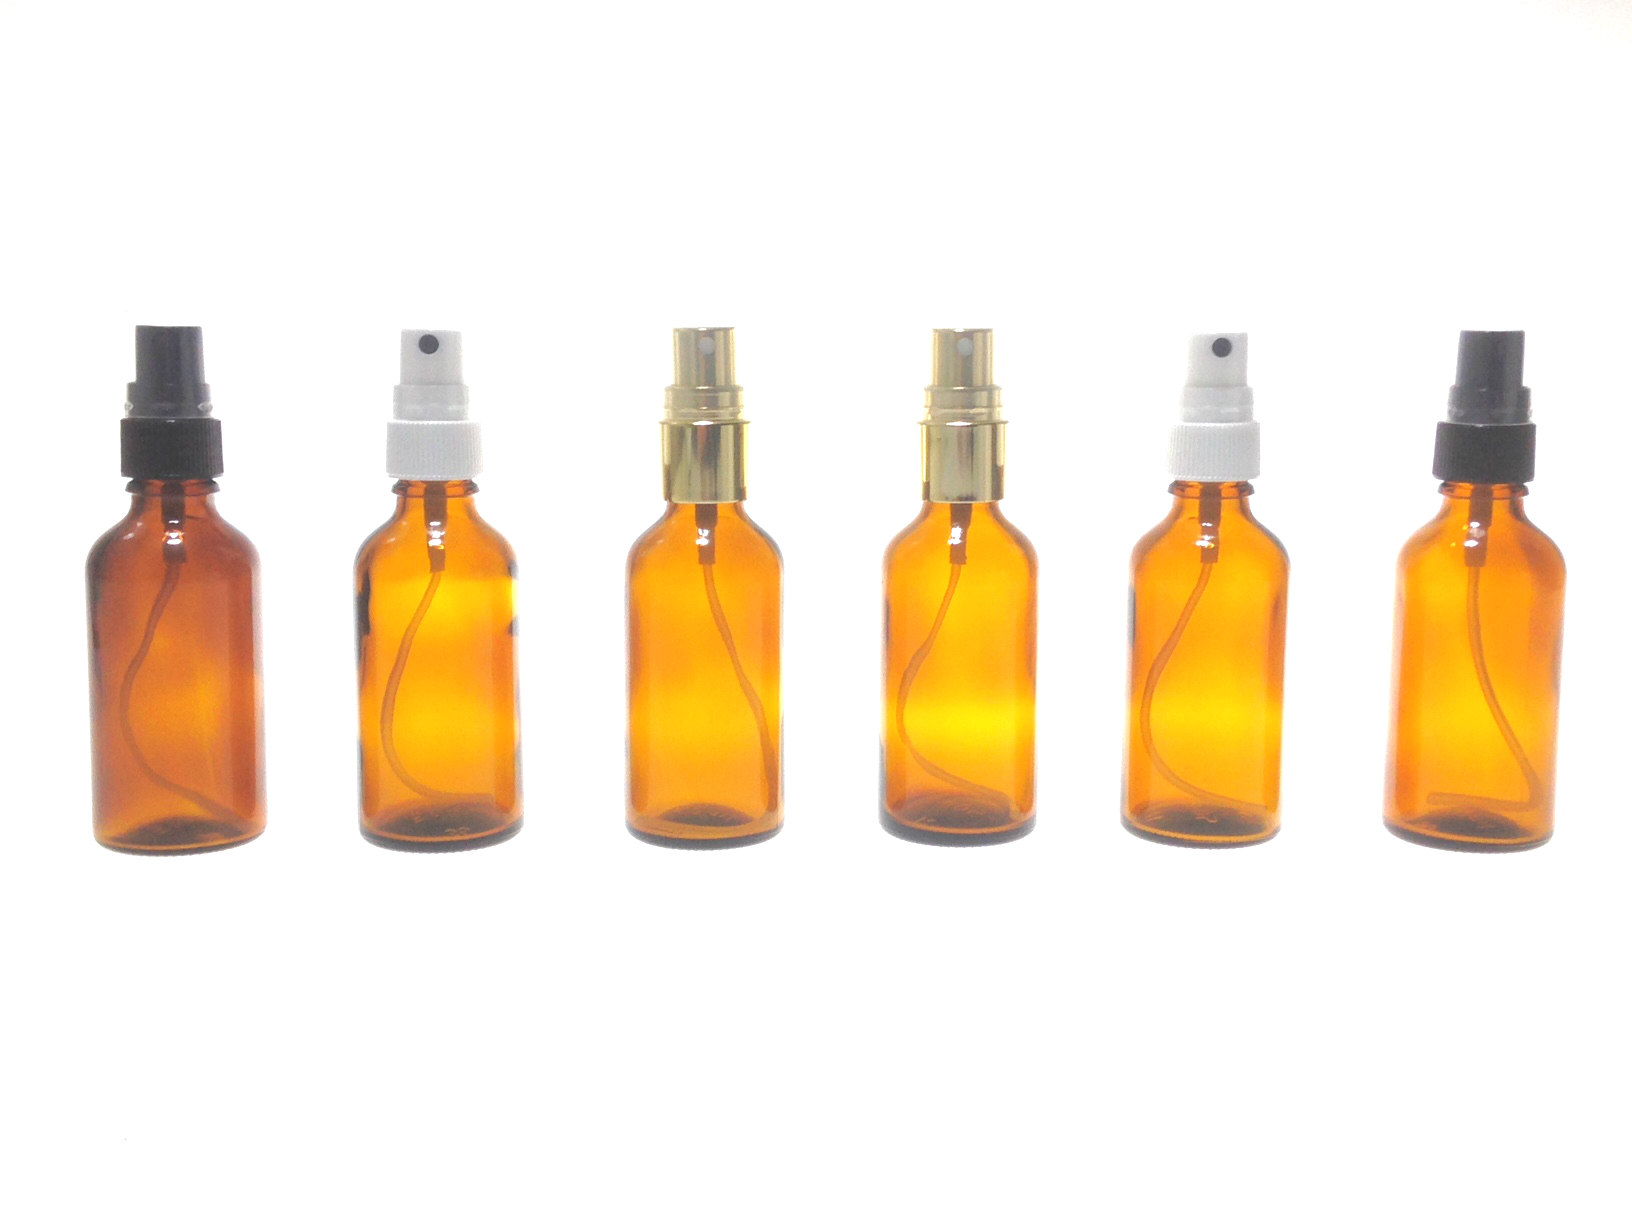 Pompes spray pour flacons d'huiles essentielles